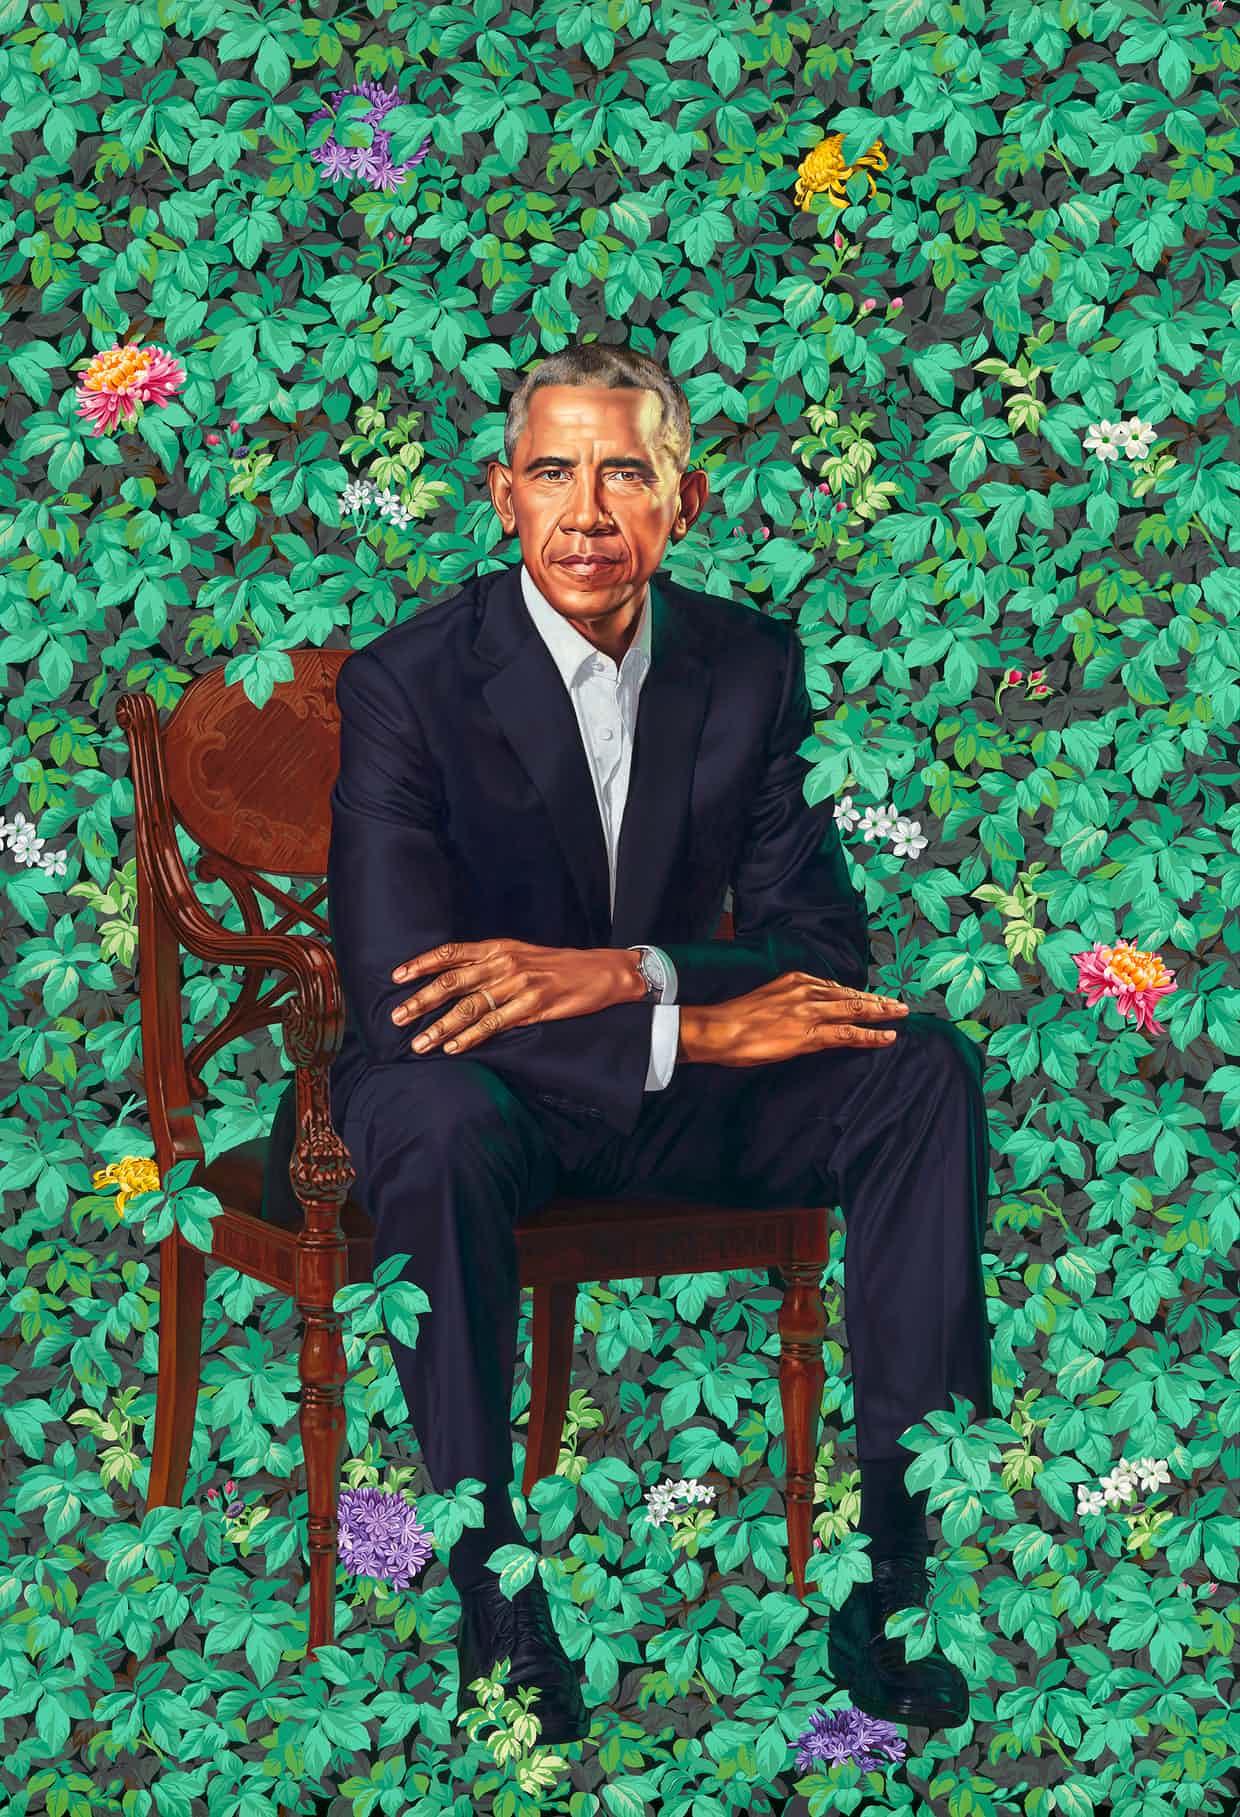 obamabarack_kehindewiley.jpg